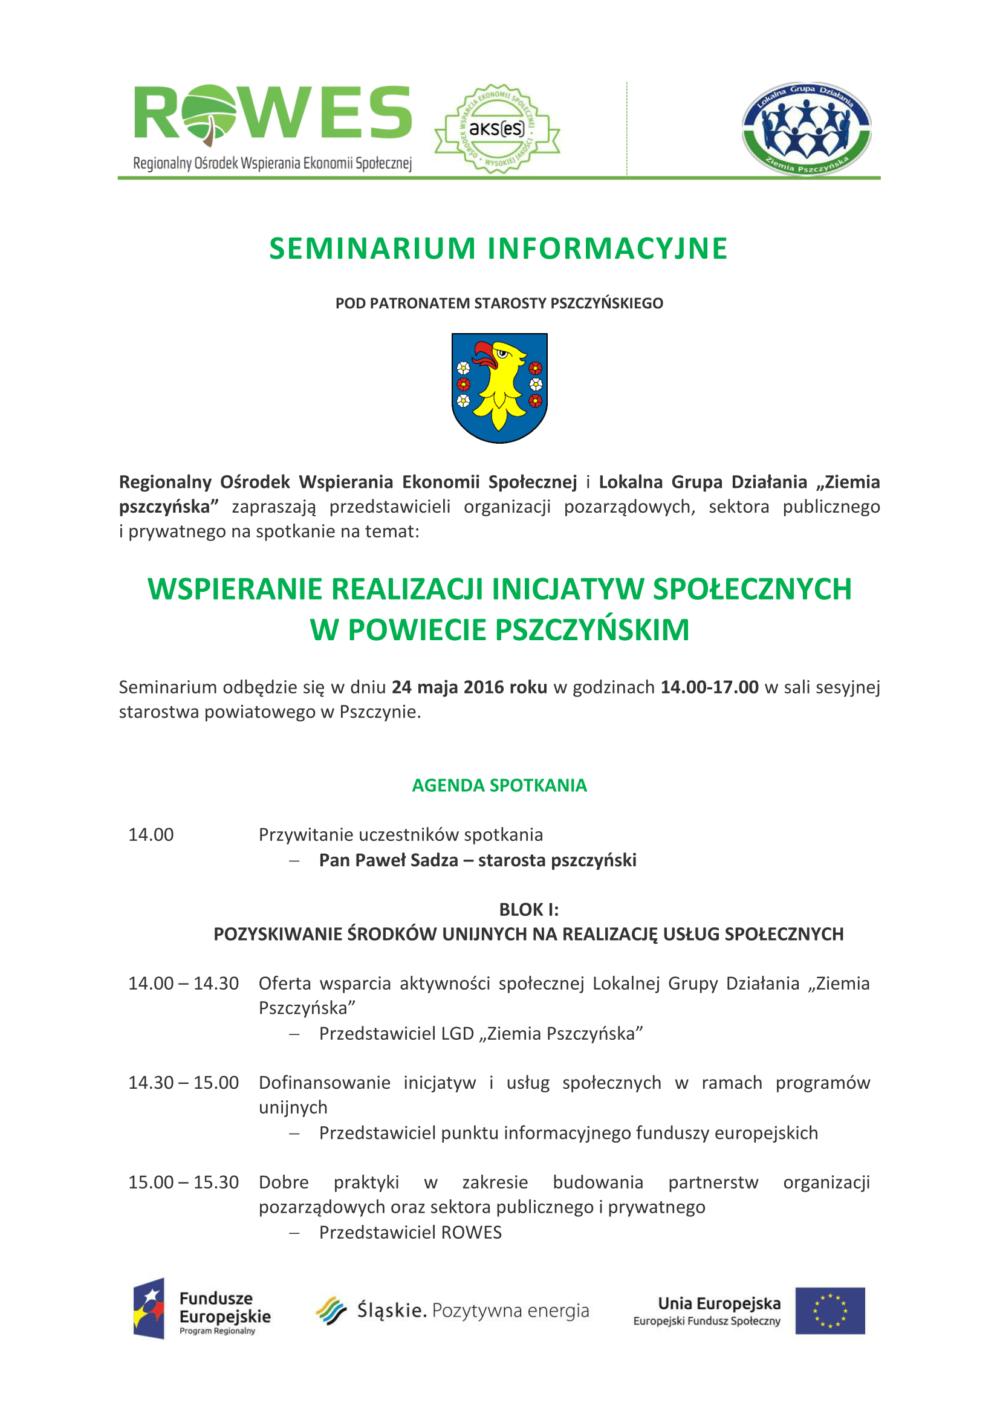 spotkanie dla NGO i sektra publicznego, prywatnego 27.05.2016-1